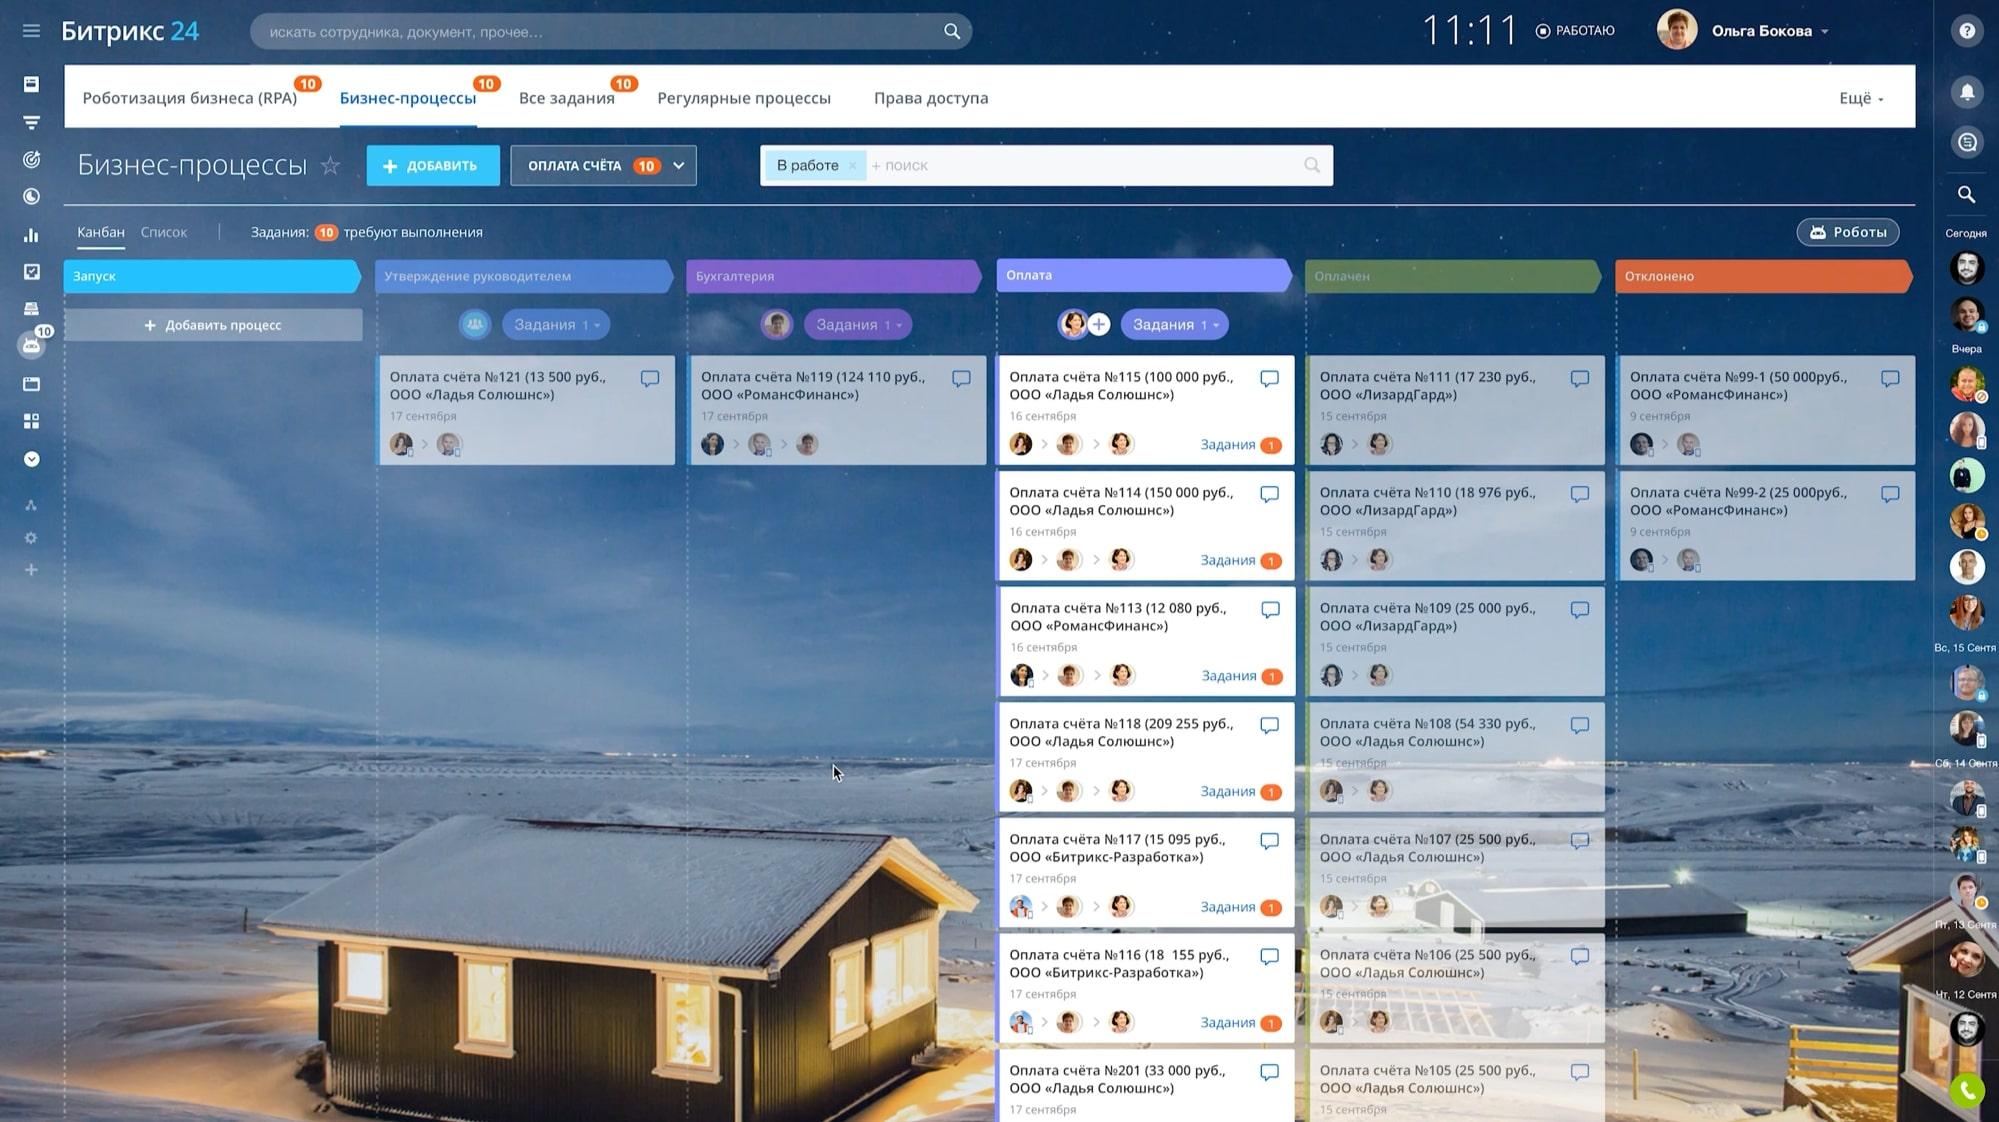 Битрикс24. Работизация бизнеса